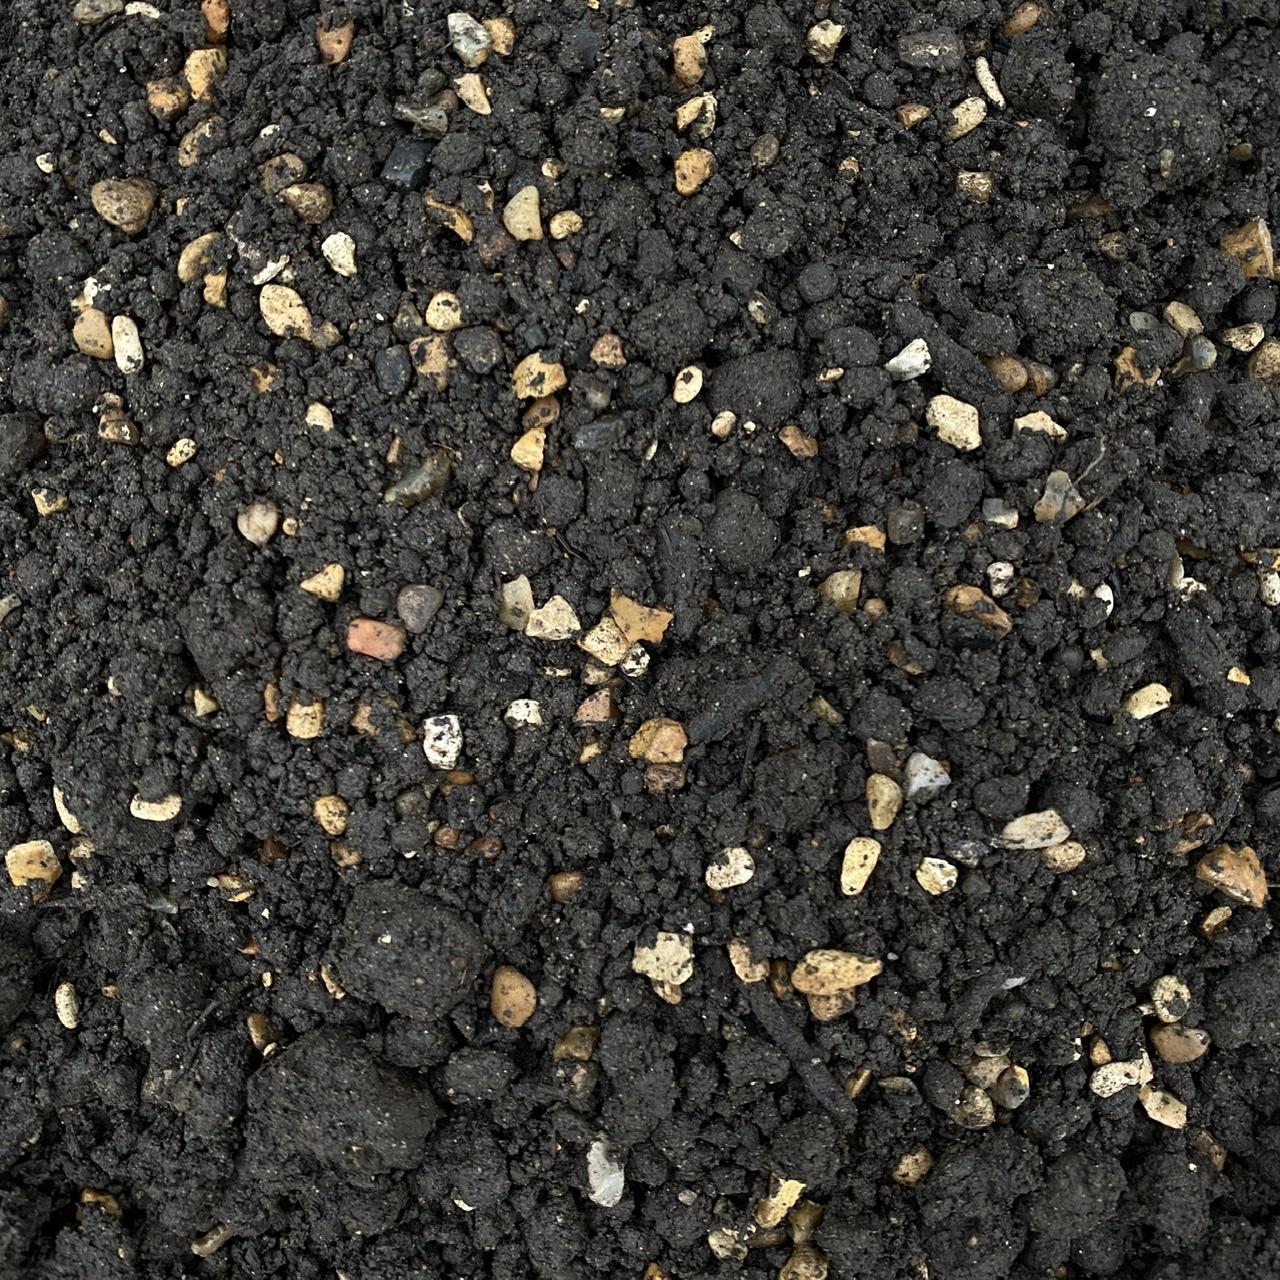 Aquatic Soil